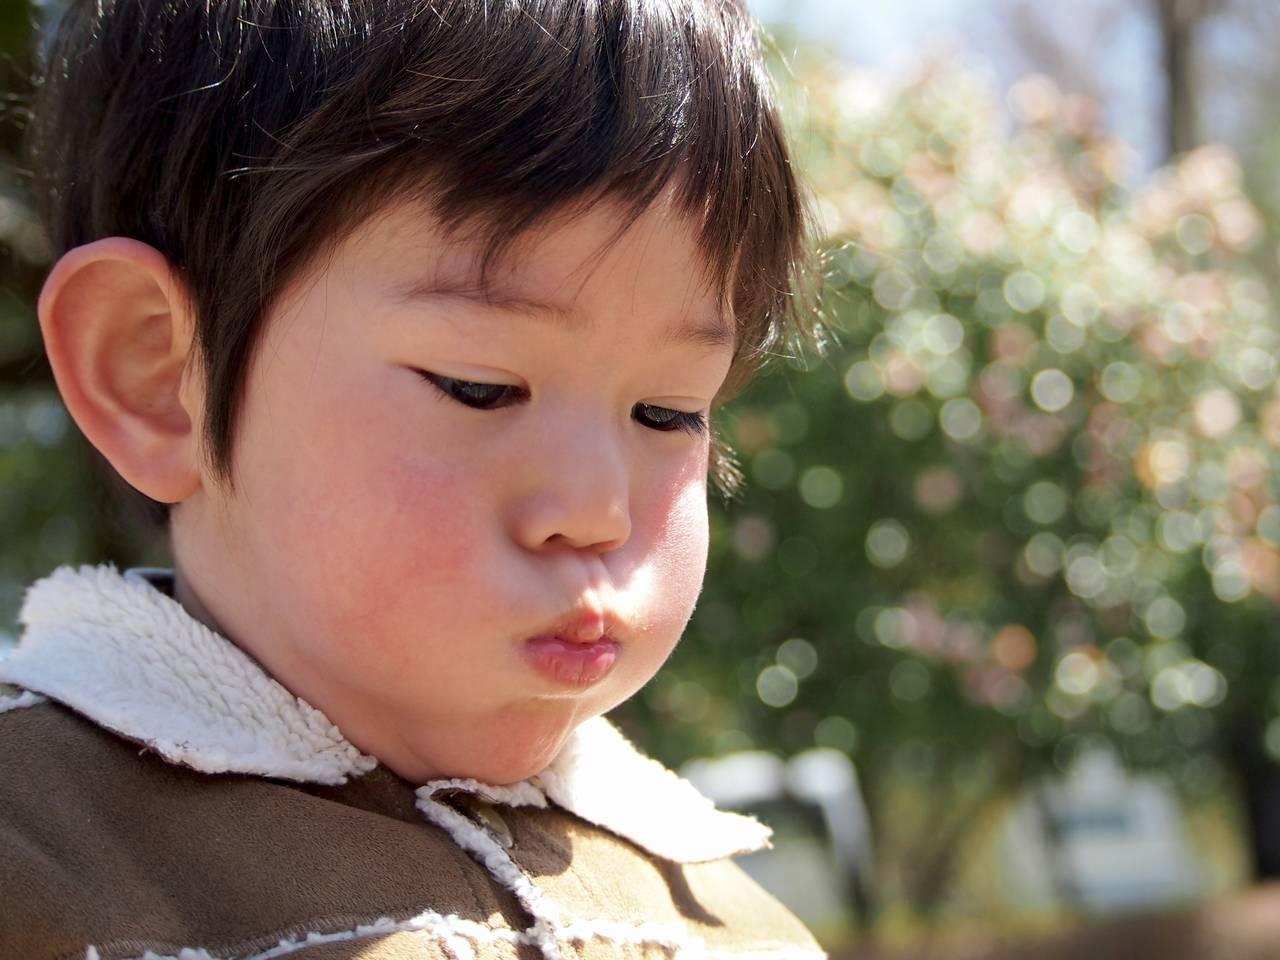 幼児期にやってくる男の子の反抗期!上手な叱り方と接し方を覚えよう